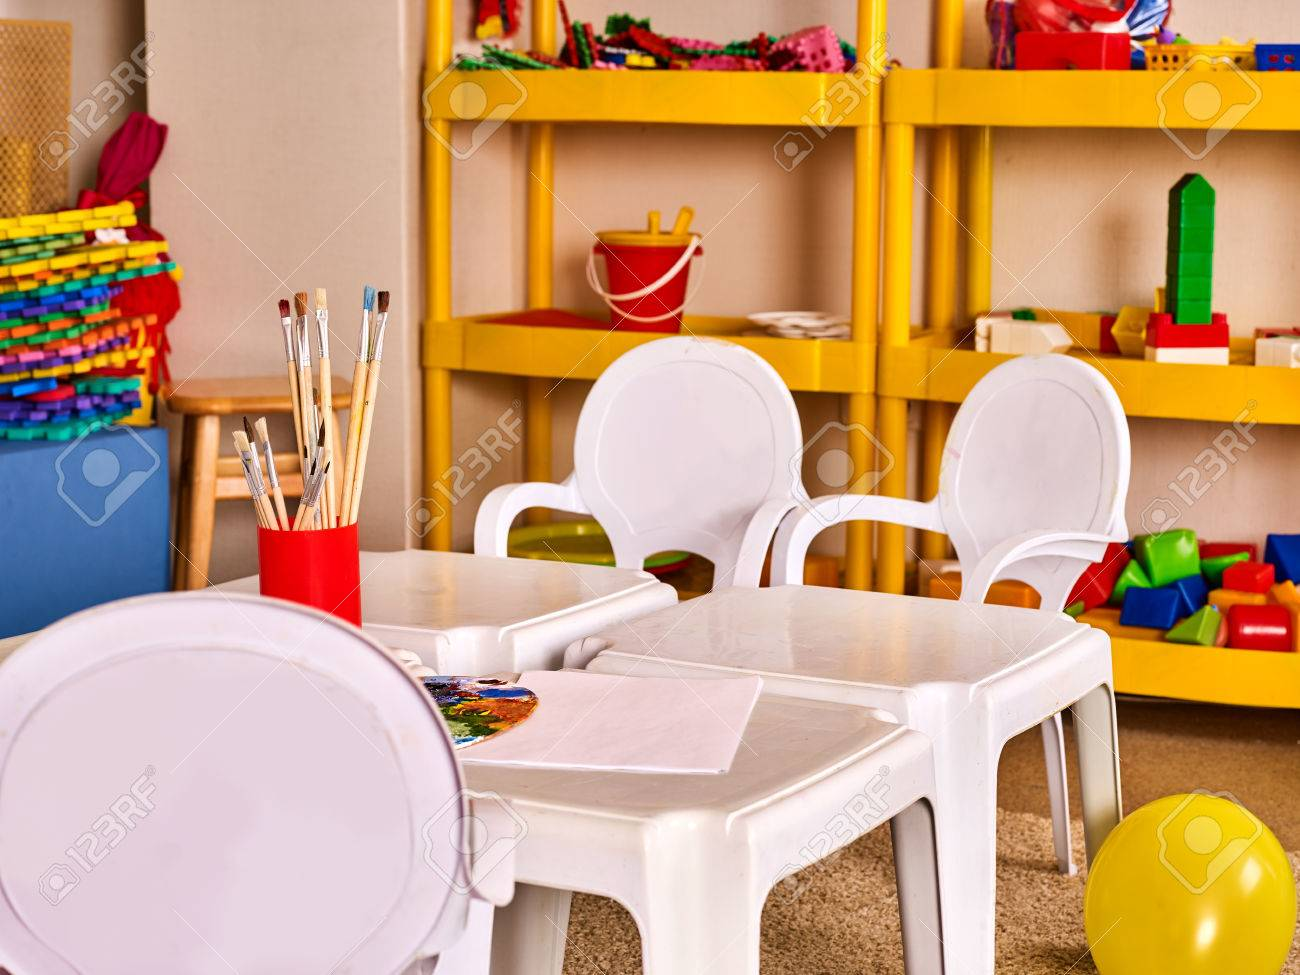 Tables De Jardin Denfants Et Des Chaises Dans Tagres Dcoration Dintrieur Pour Les Jouets Classe Prscolaire Enfants En Attente